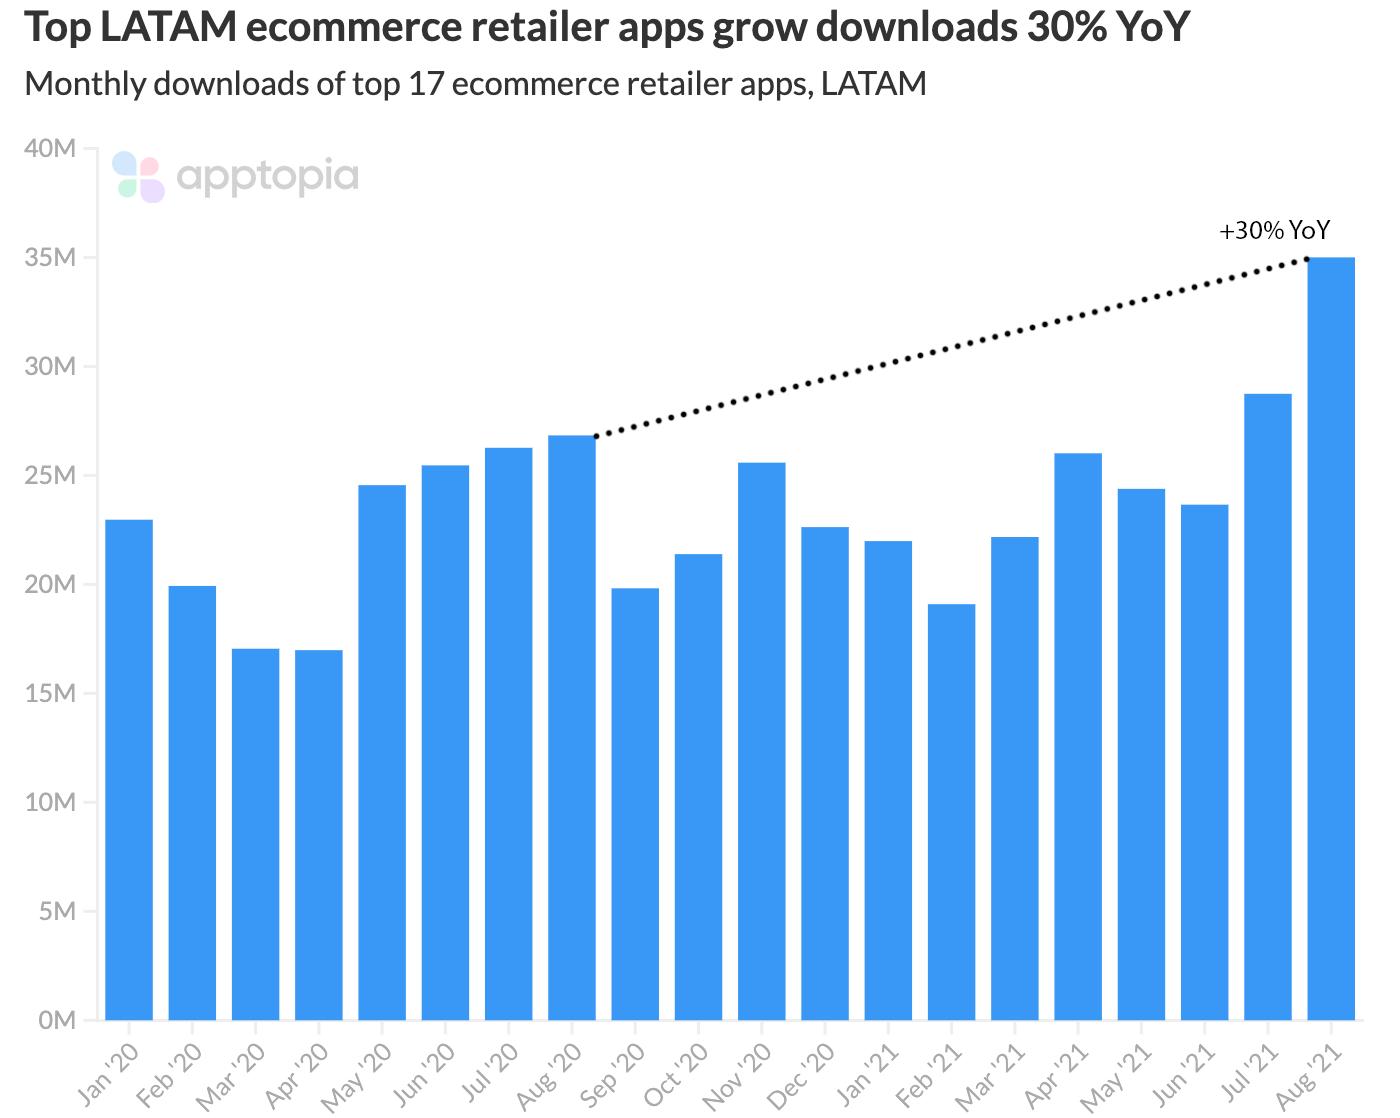 top latam ecommerce retailer app downloads